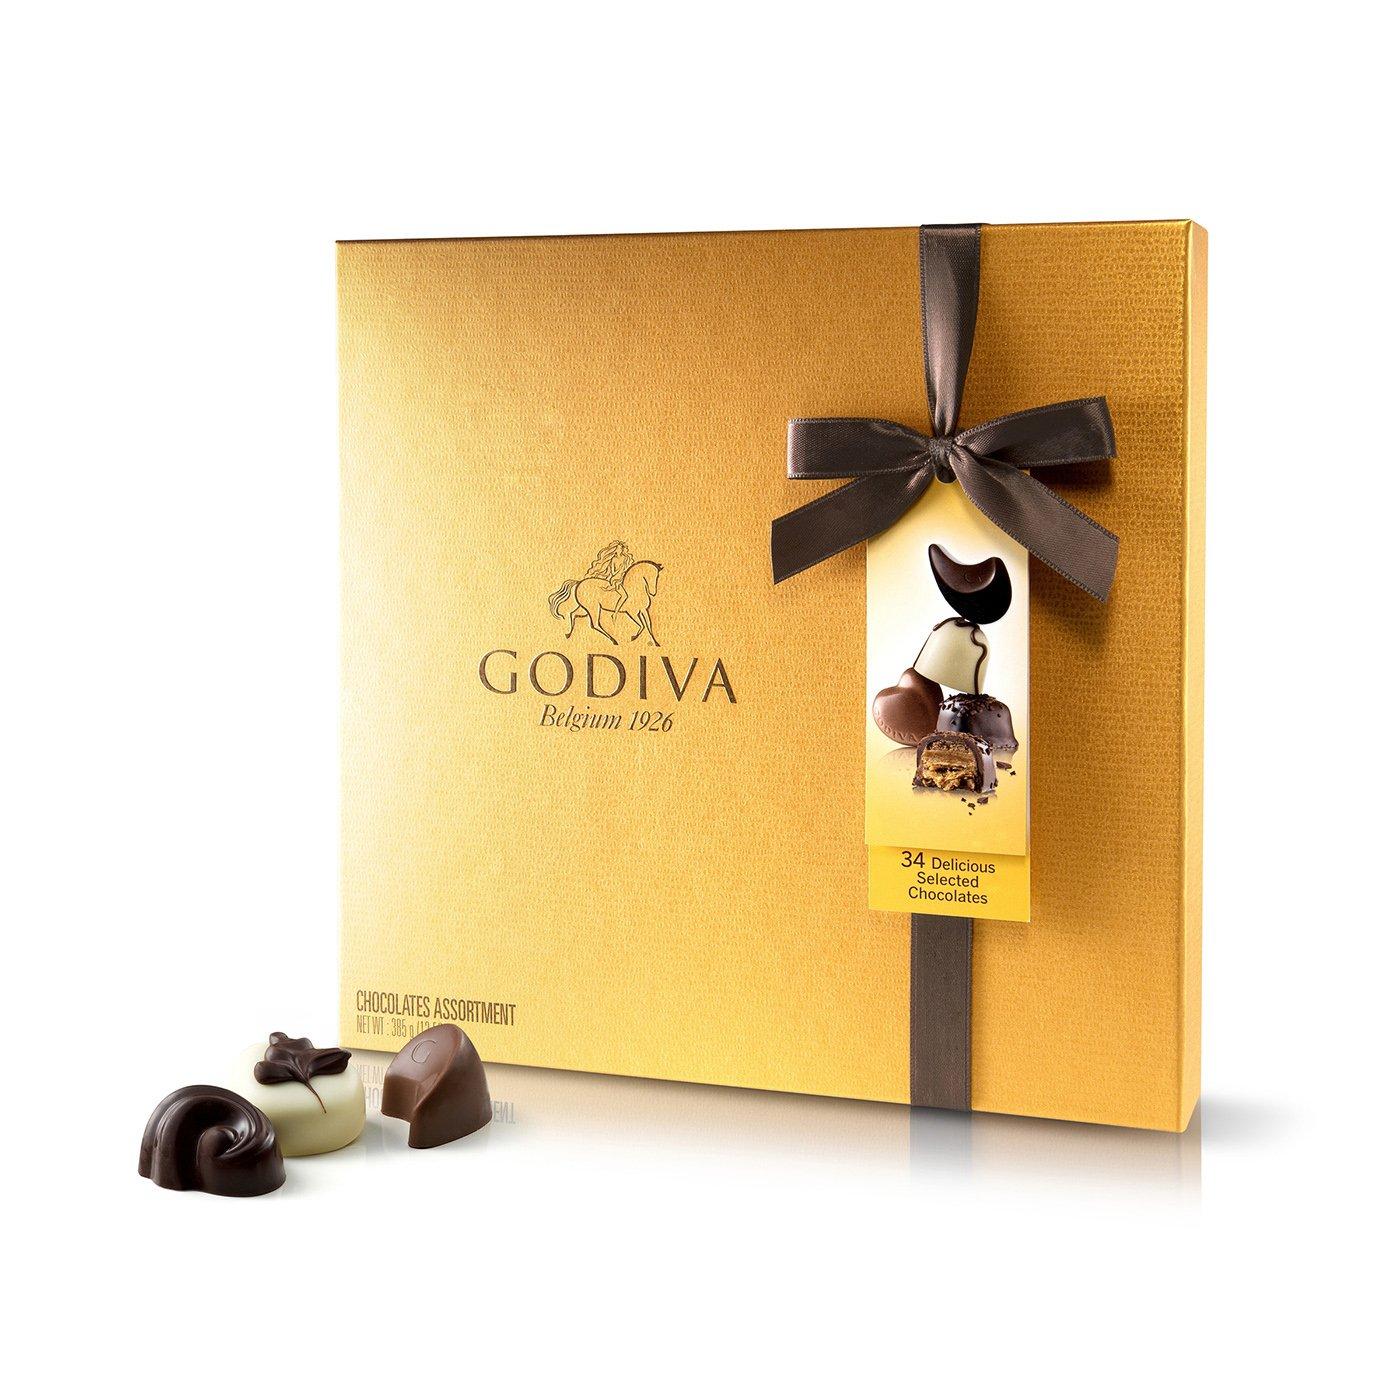 Godiva, Gold Rigid Box bombones pralines surtidos caja regalo 34 piezas, 385g: Amazon.es: Alimentación y bebidas